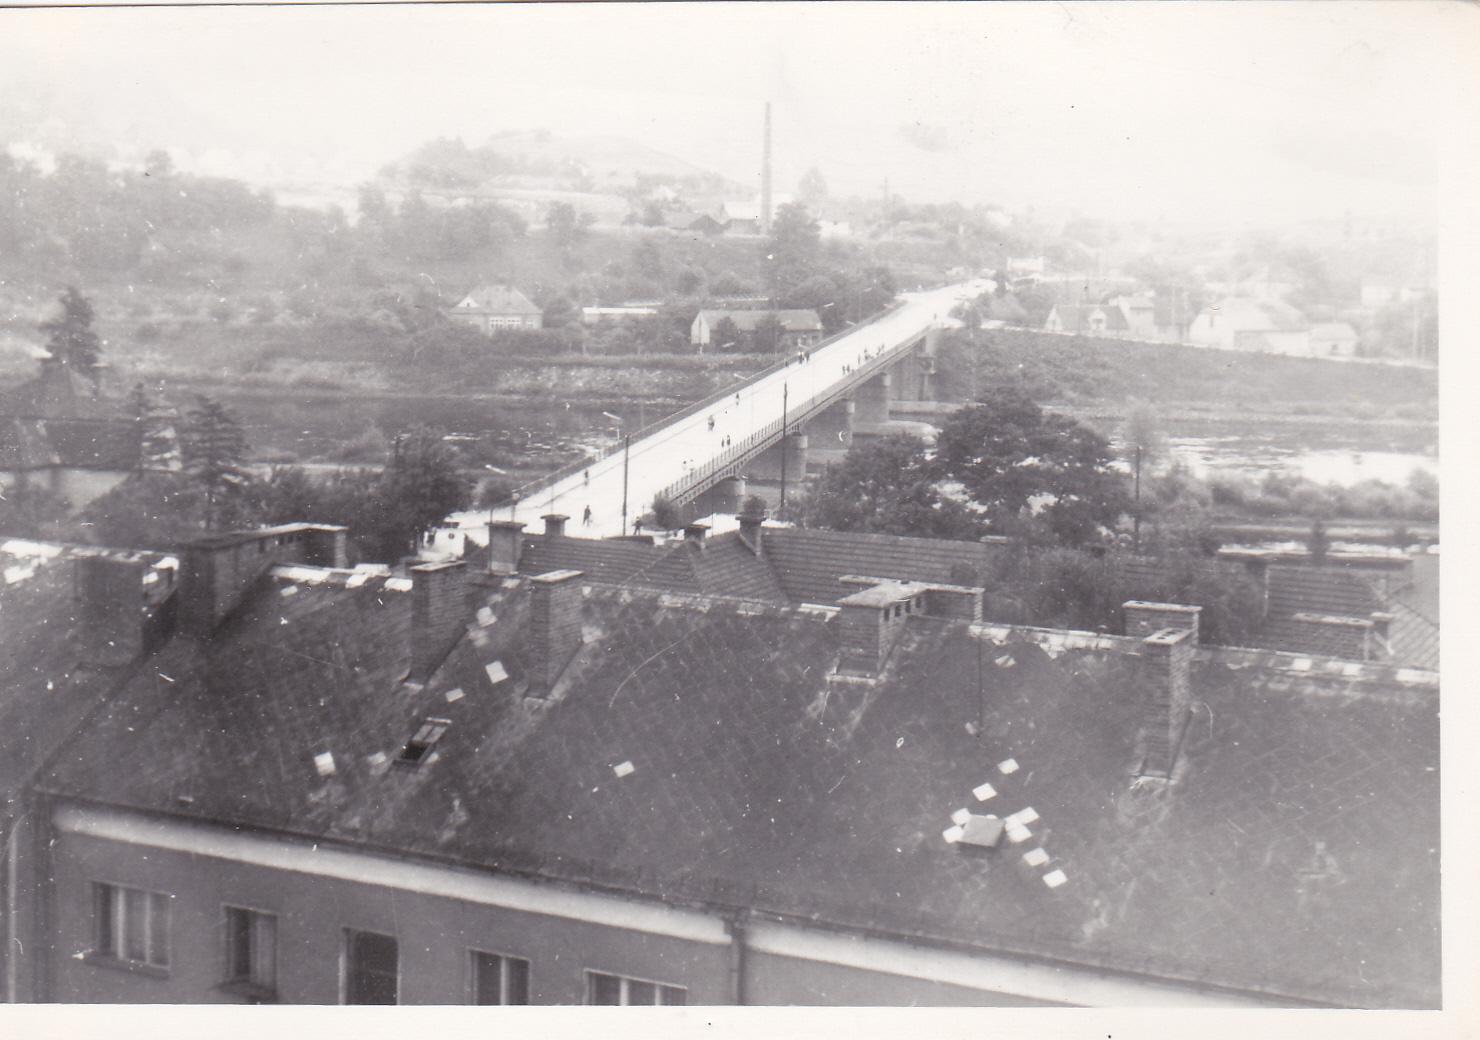 Pohľad na most a H. Kočkovce v r. 1973 z jednej prvých výškových budov v meste (tzv. modrý panelák)